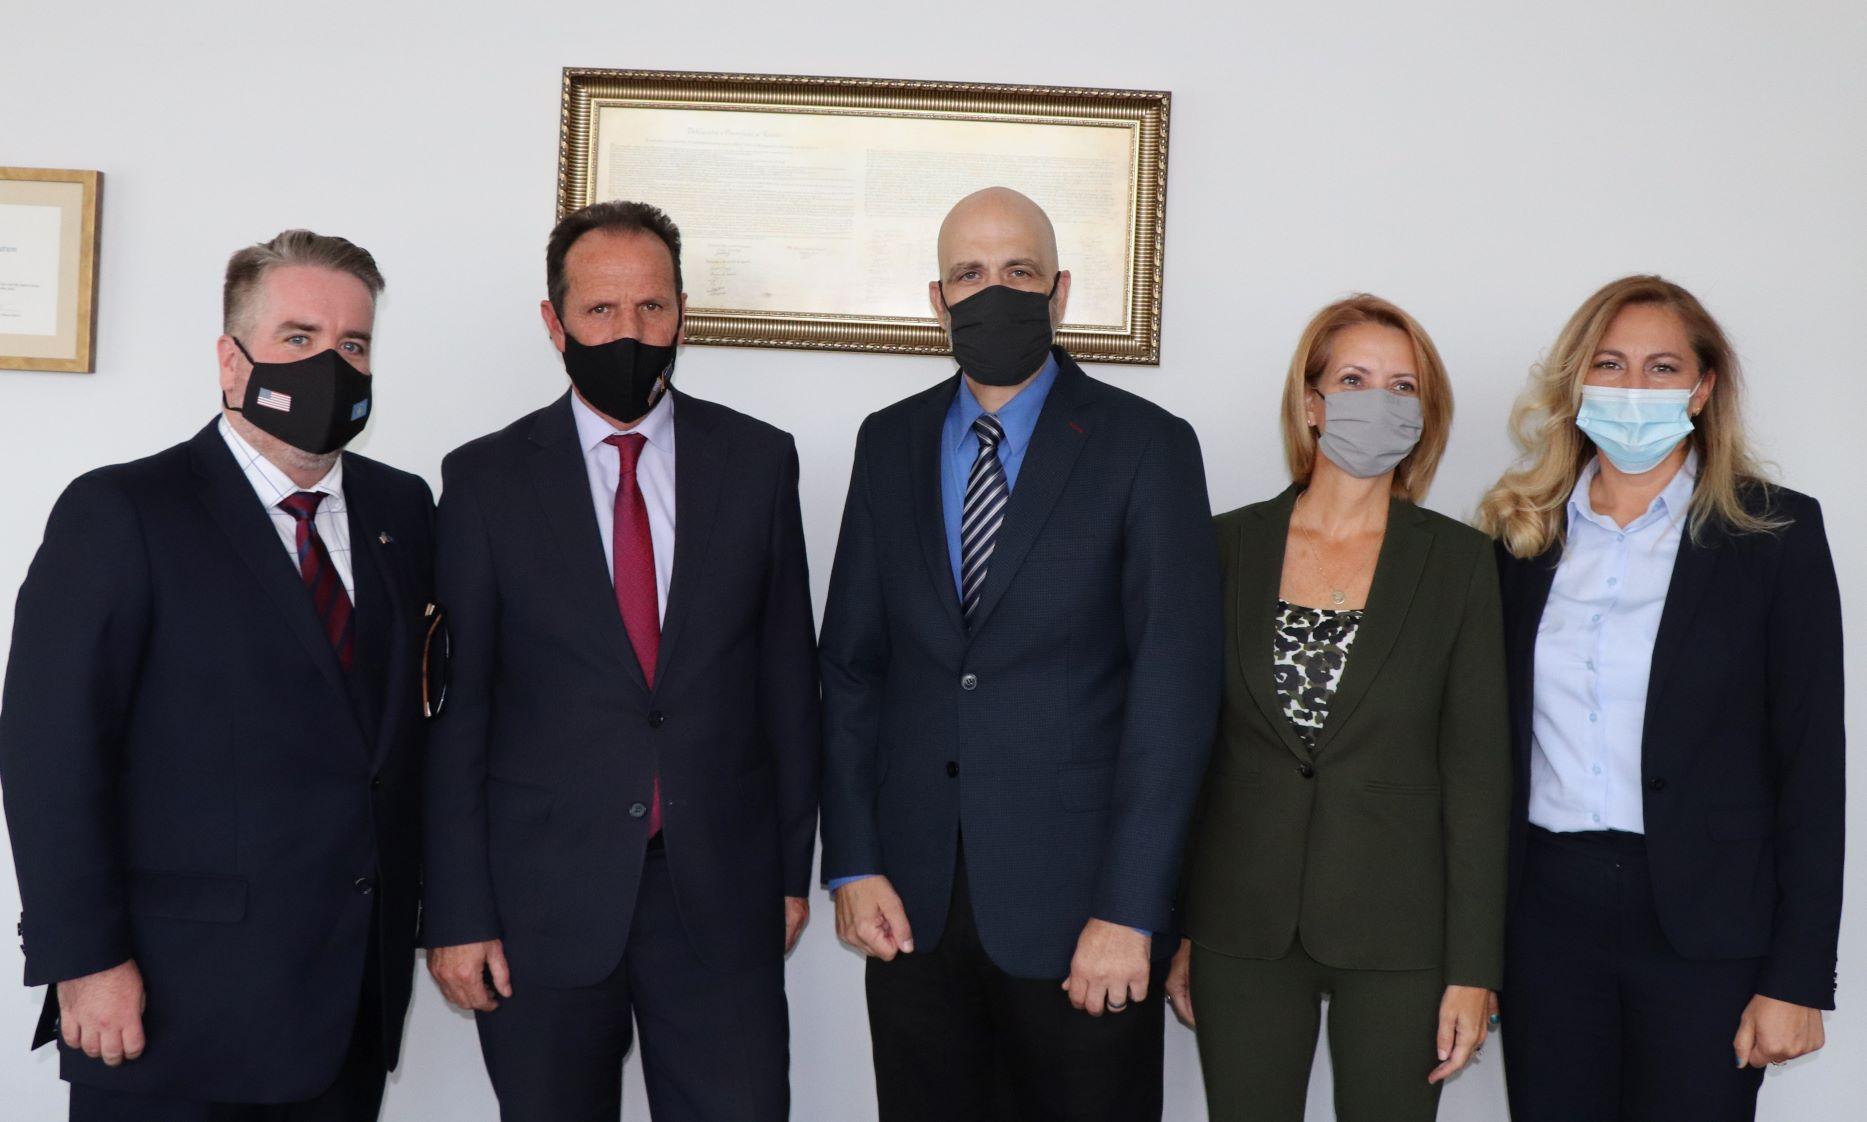 Kryetari i Gjykatës Supreme nderon me mirënjohje ekspertët e Ambasadës Amerikane, për kontributin në Politikën Ndëshkimore